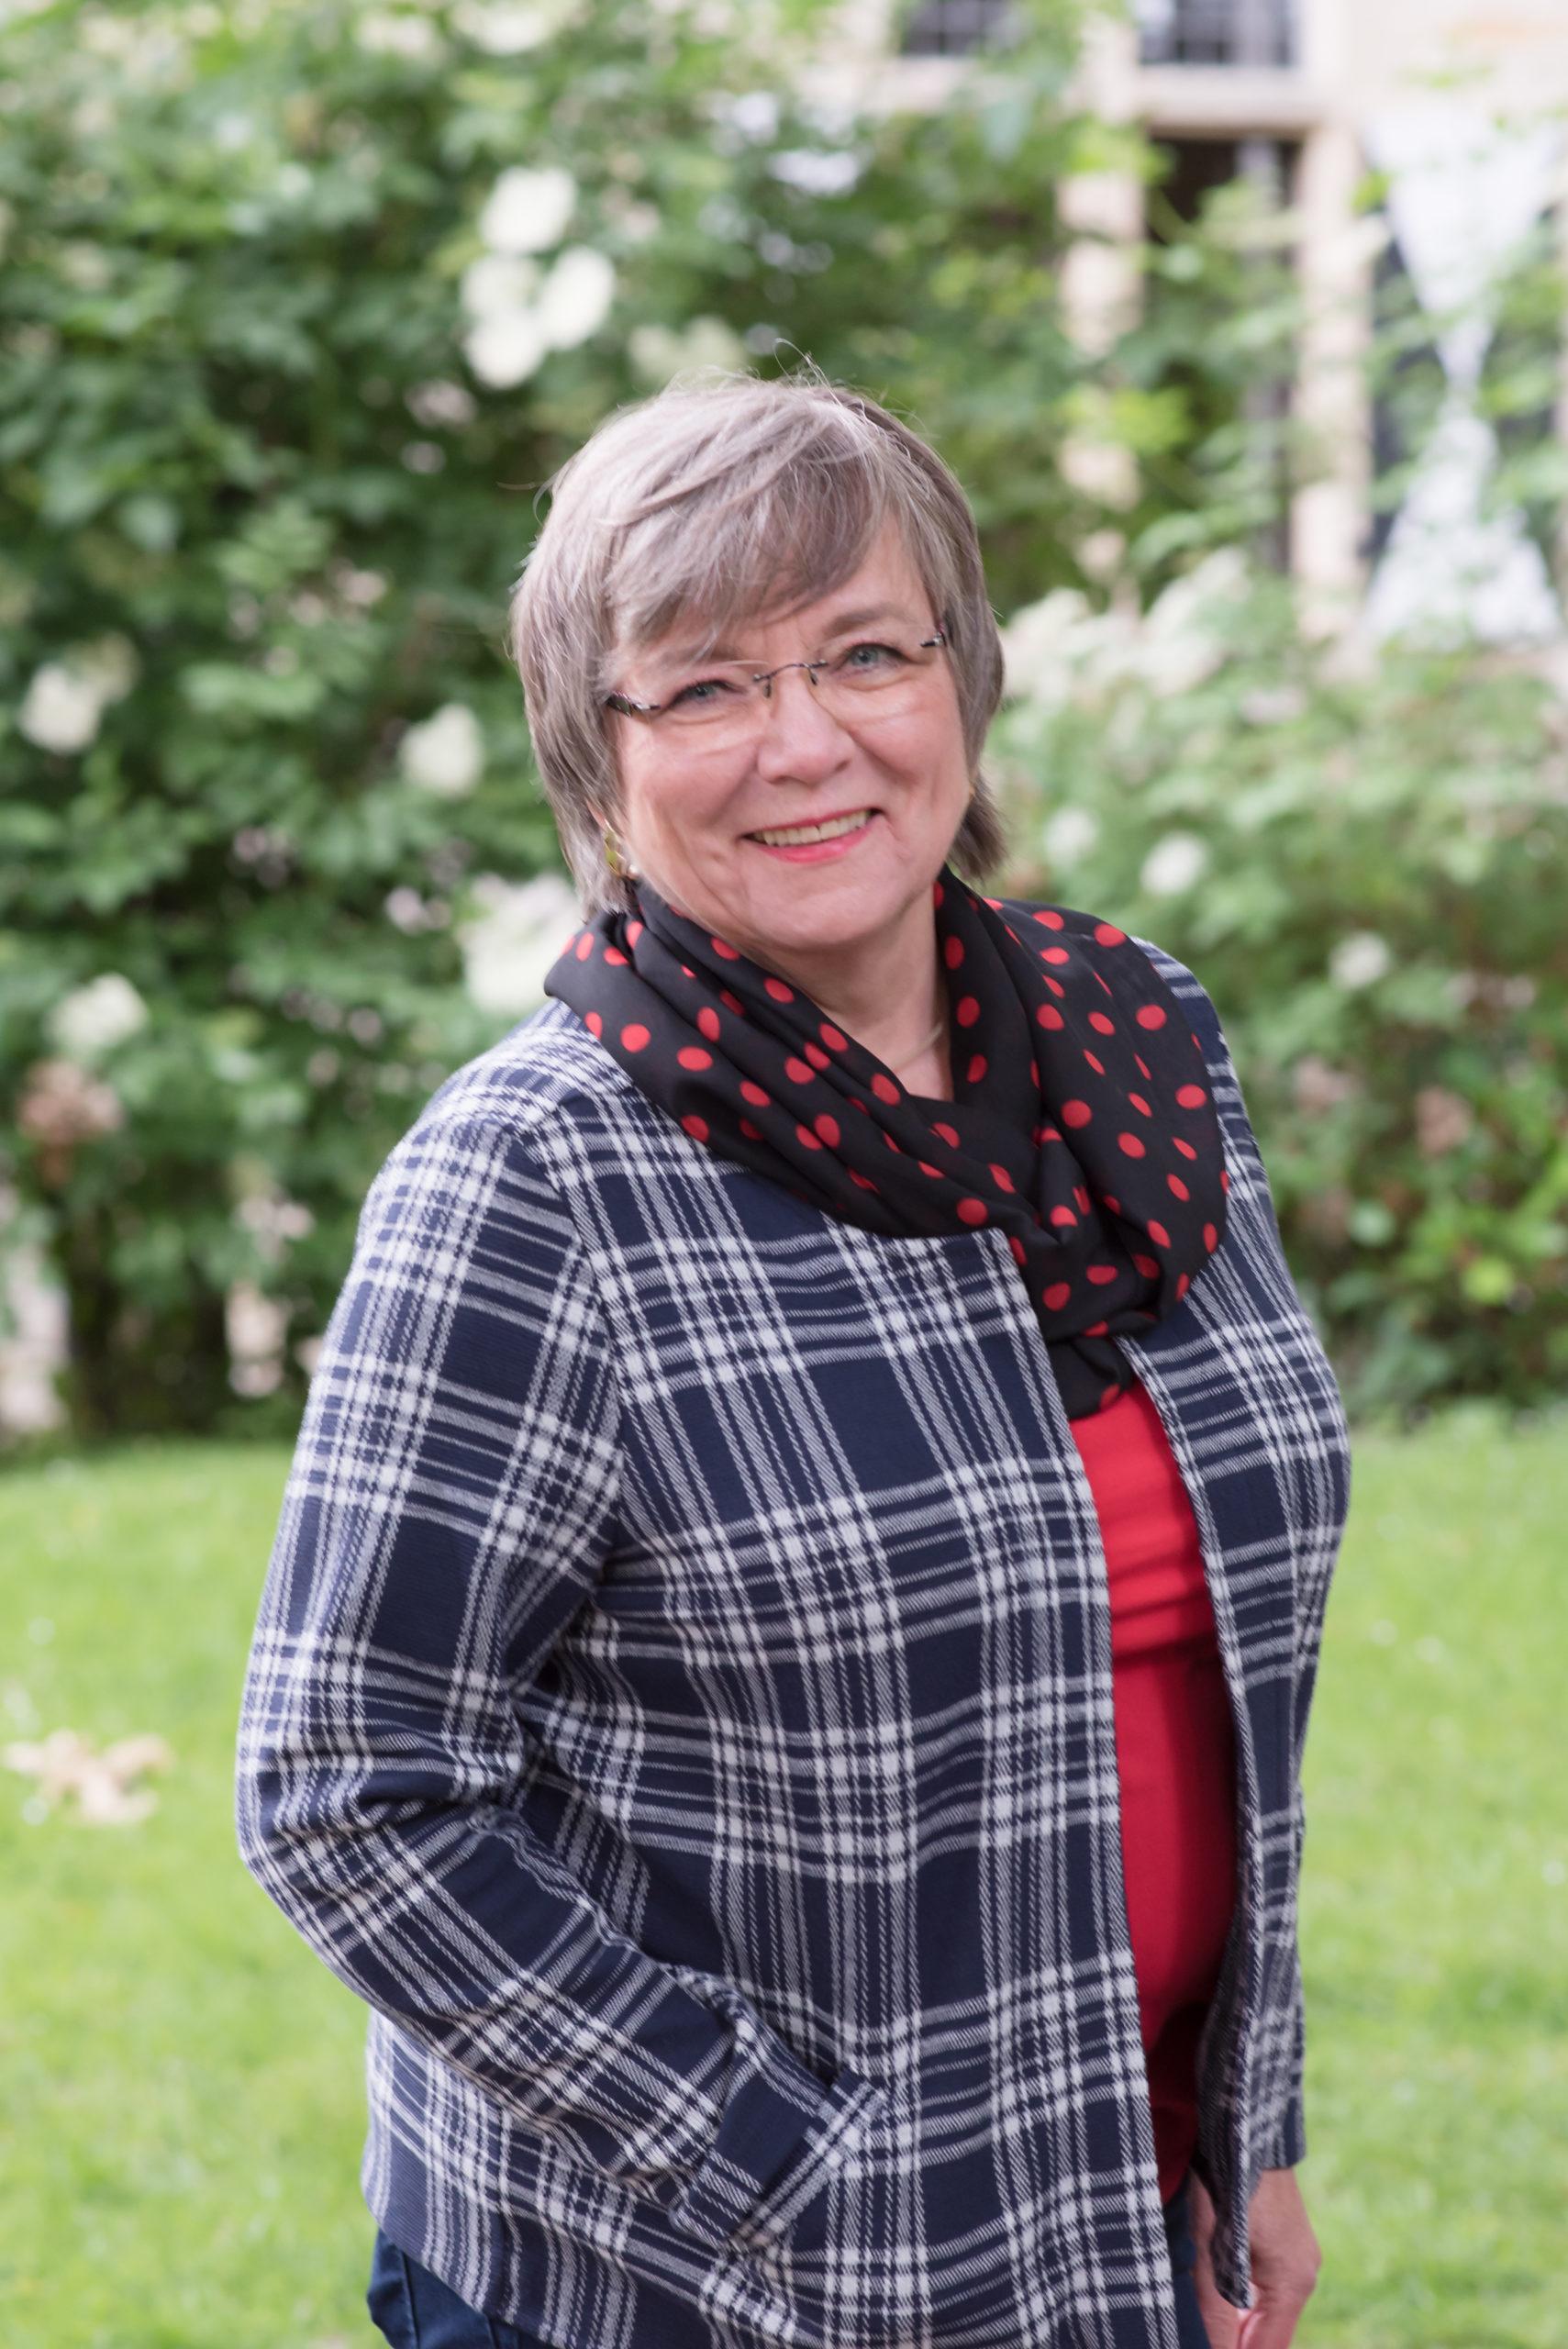 Monika Reimer